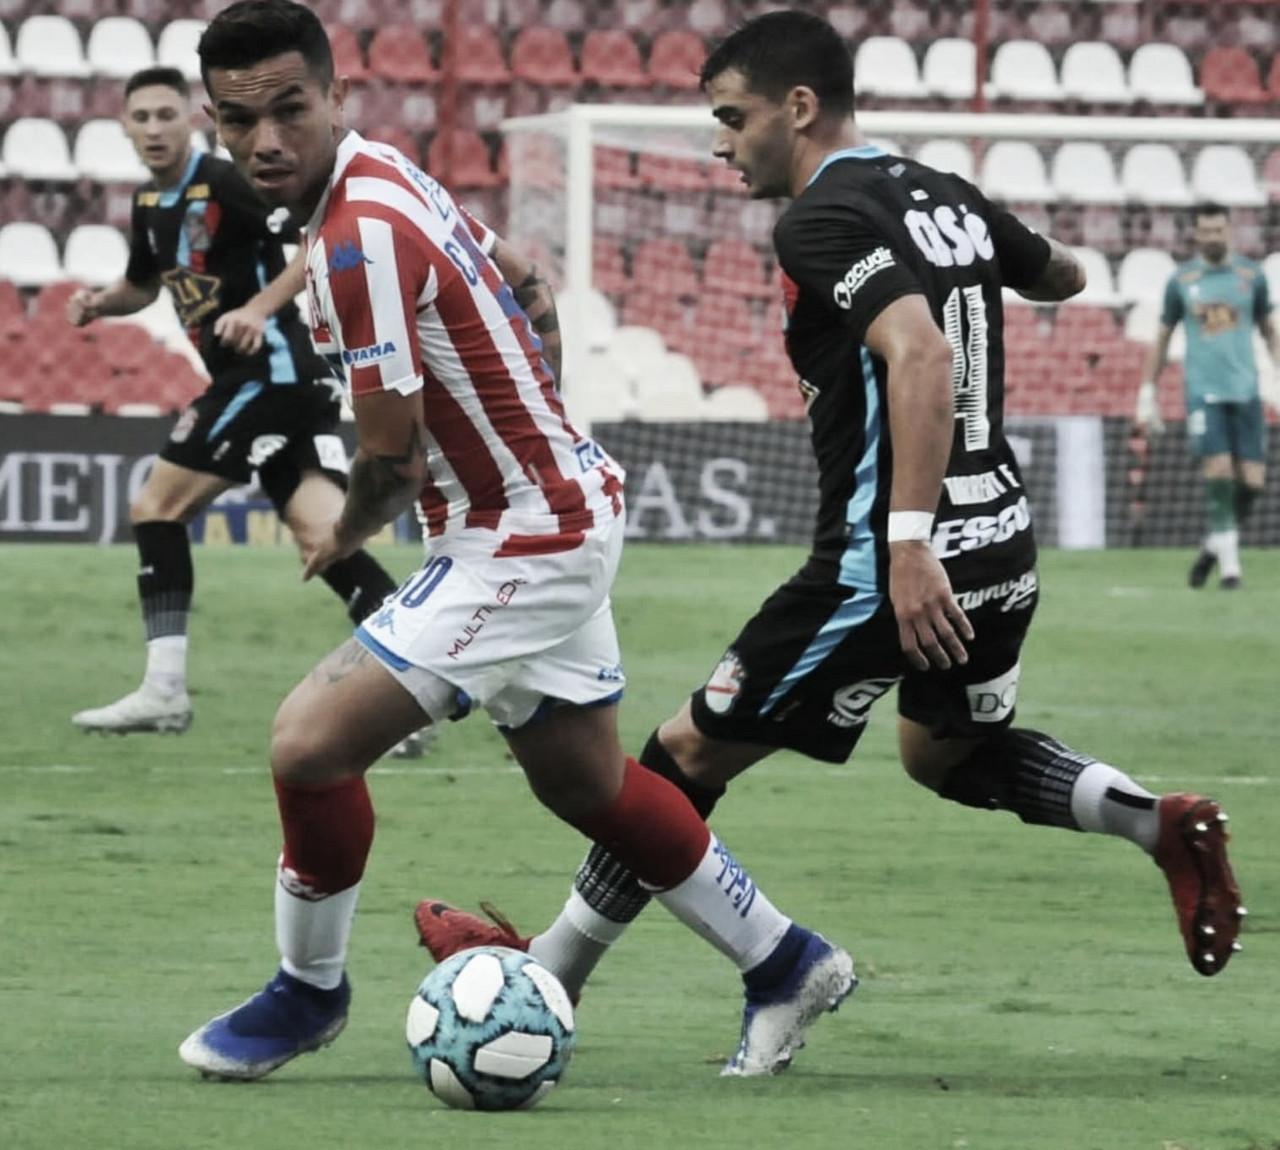 Gabriel Carabajal, el mejor de Unión, controla el balón ante la marca de Fernando Torrent. Foto: Club Atlético Unión.